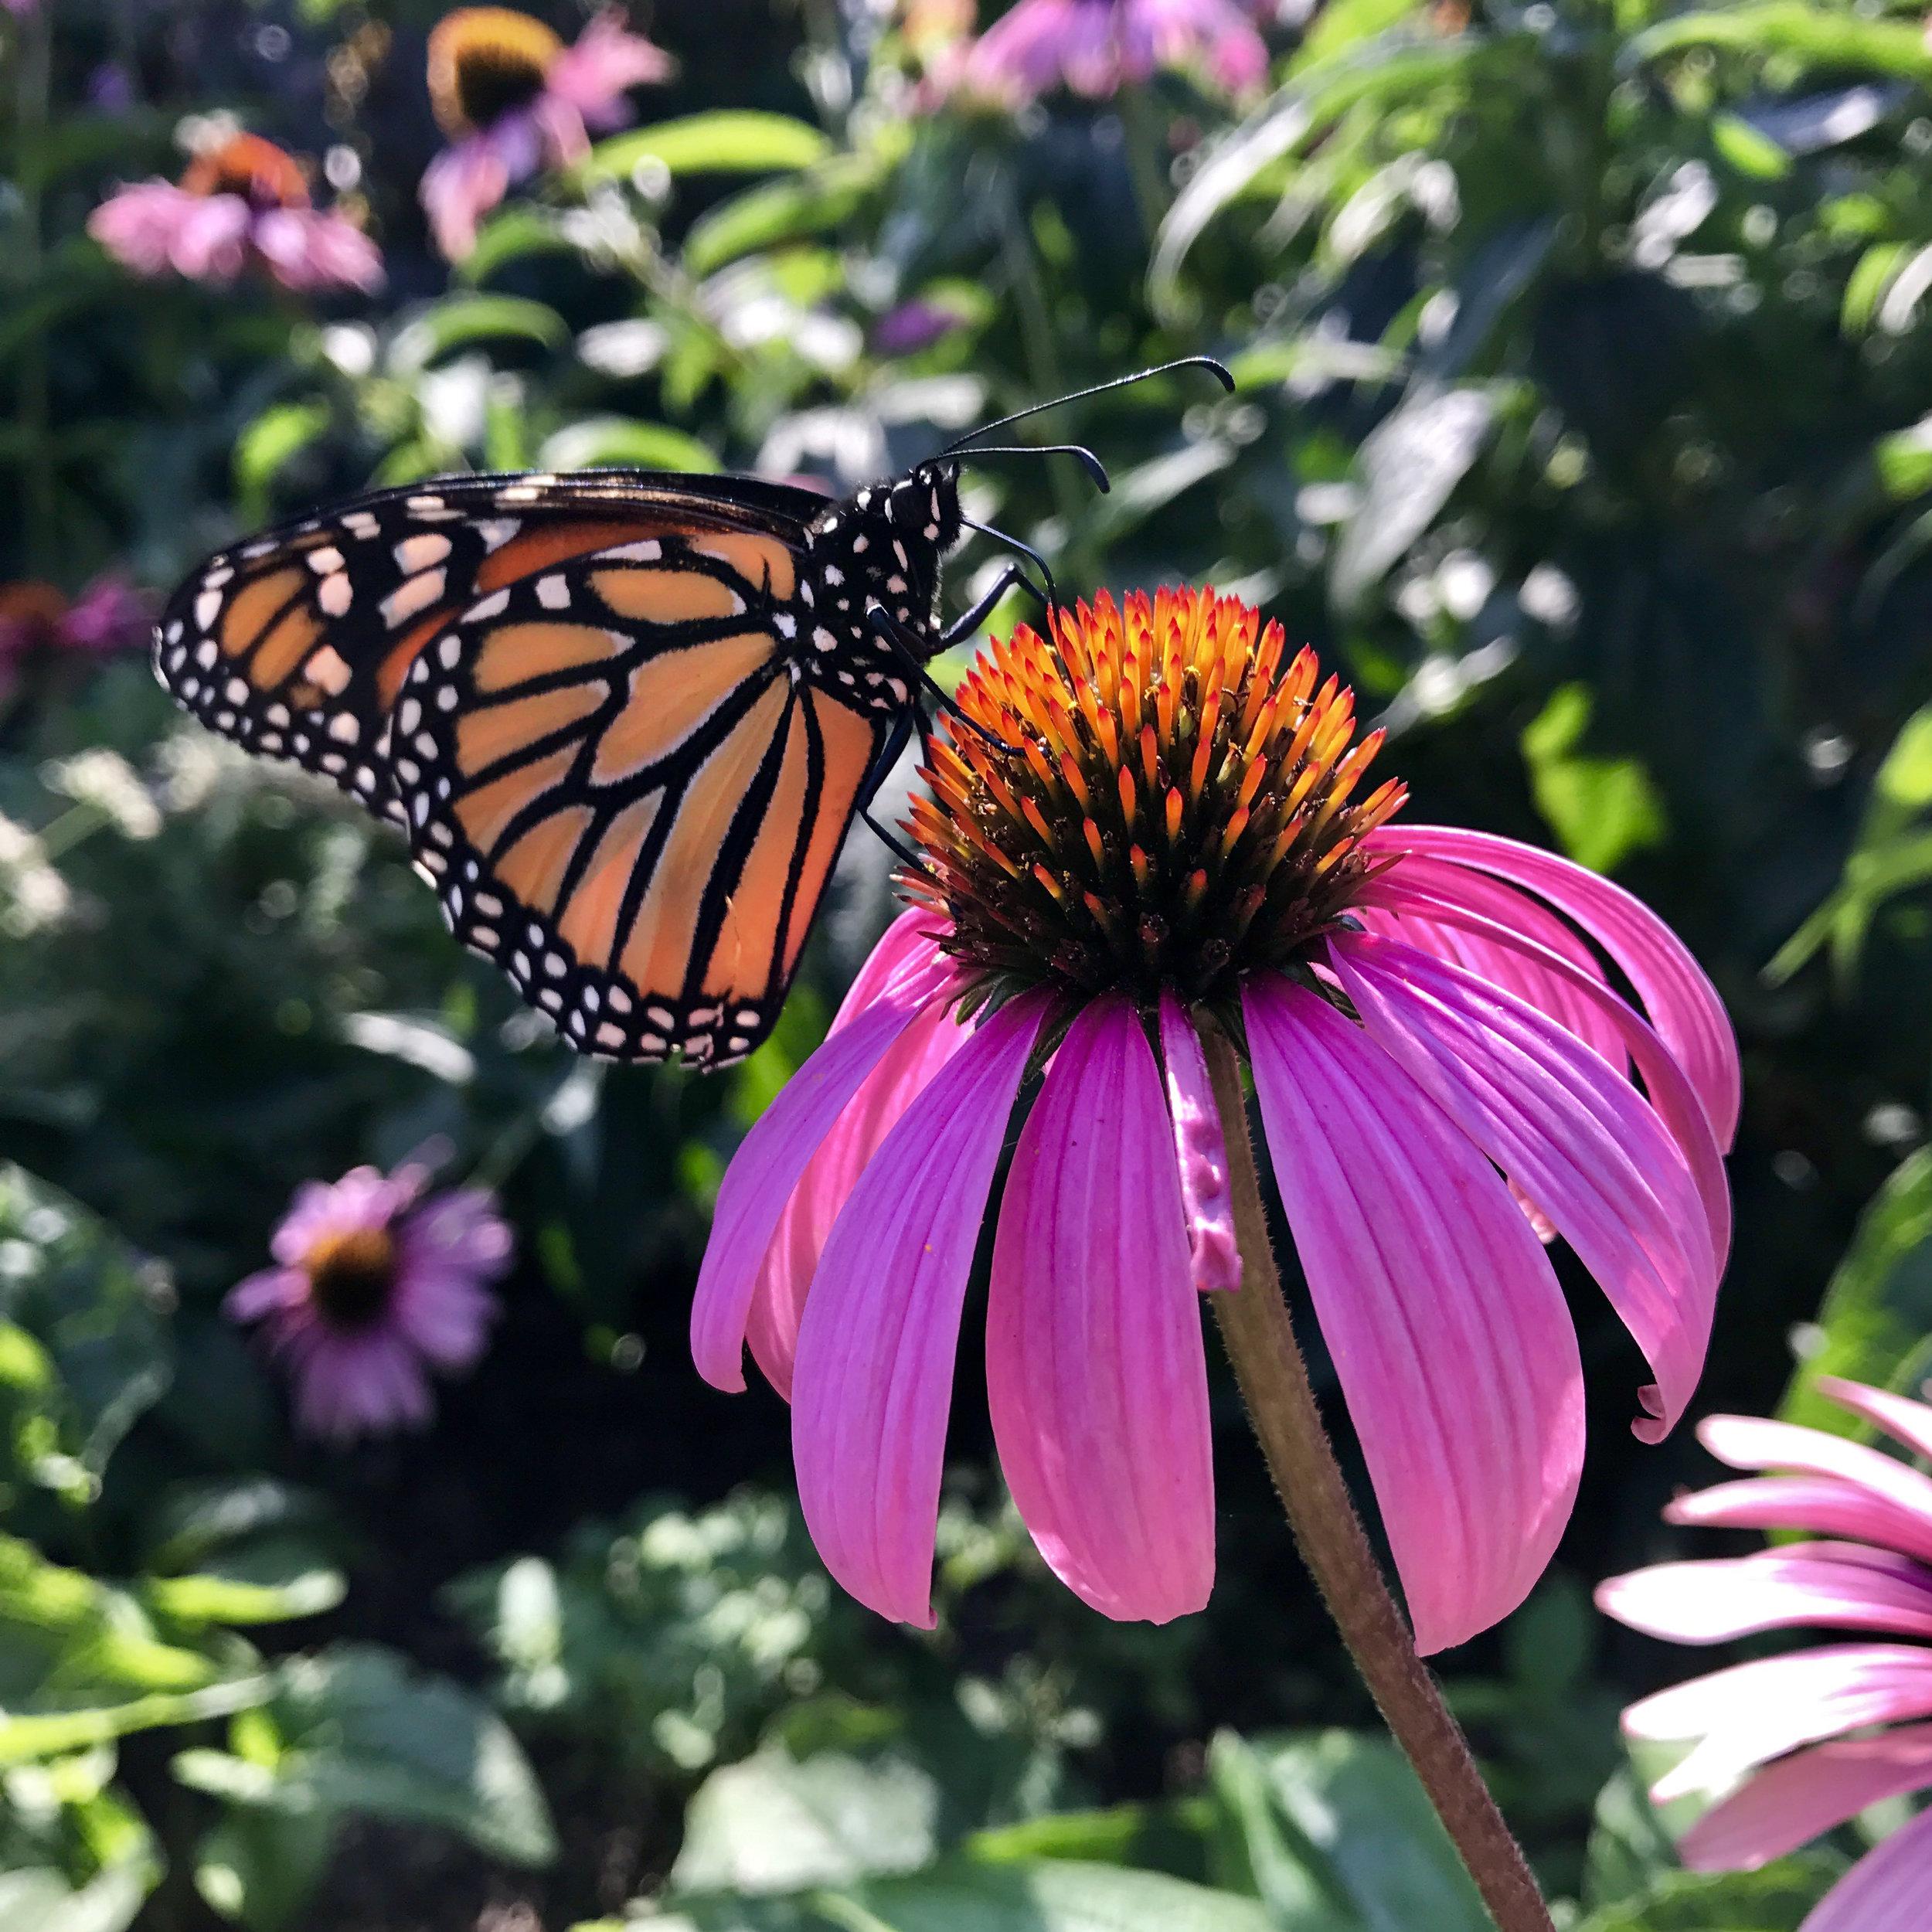 Viva Prana_Yoga_Bowspring_Wellness_Chicago_Blog_032918_Butterfly_2.jpg